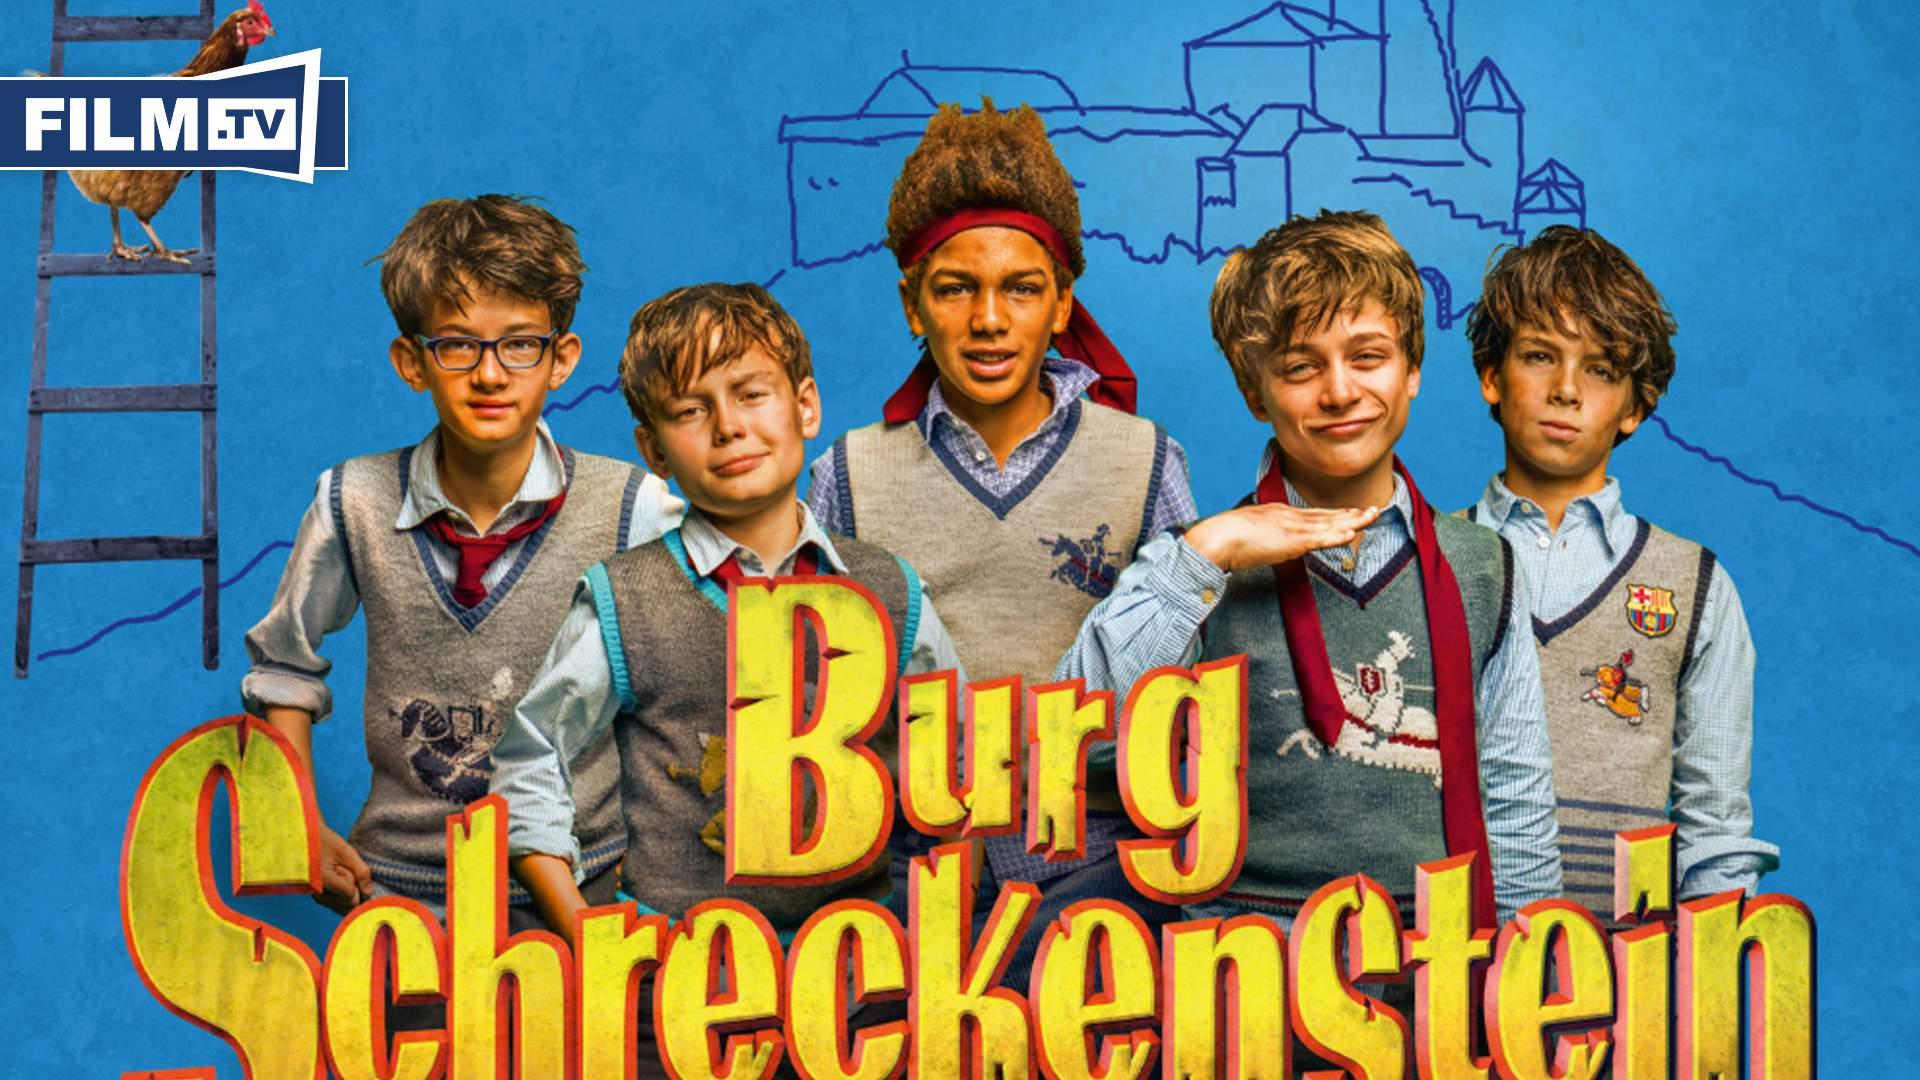 Burg Schreckenstein Film